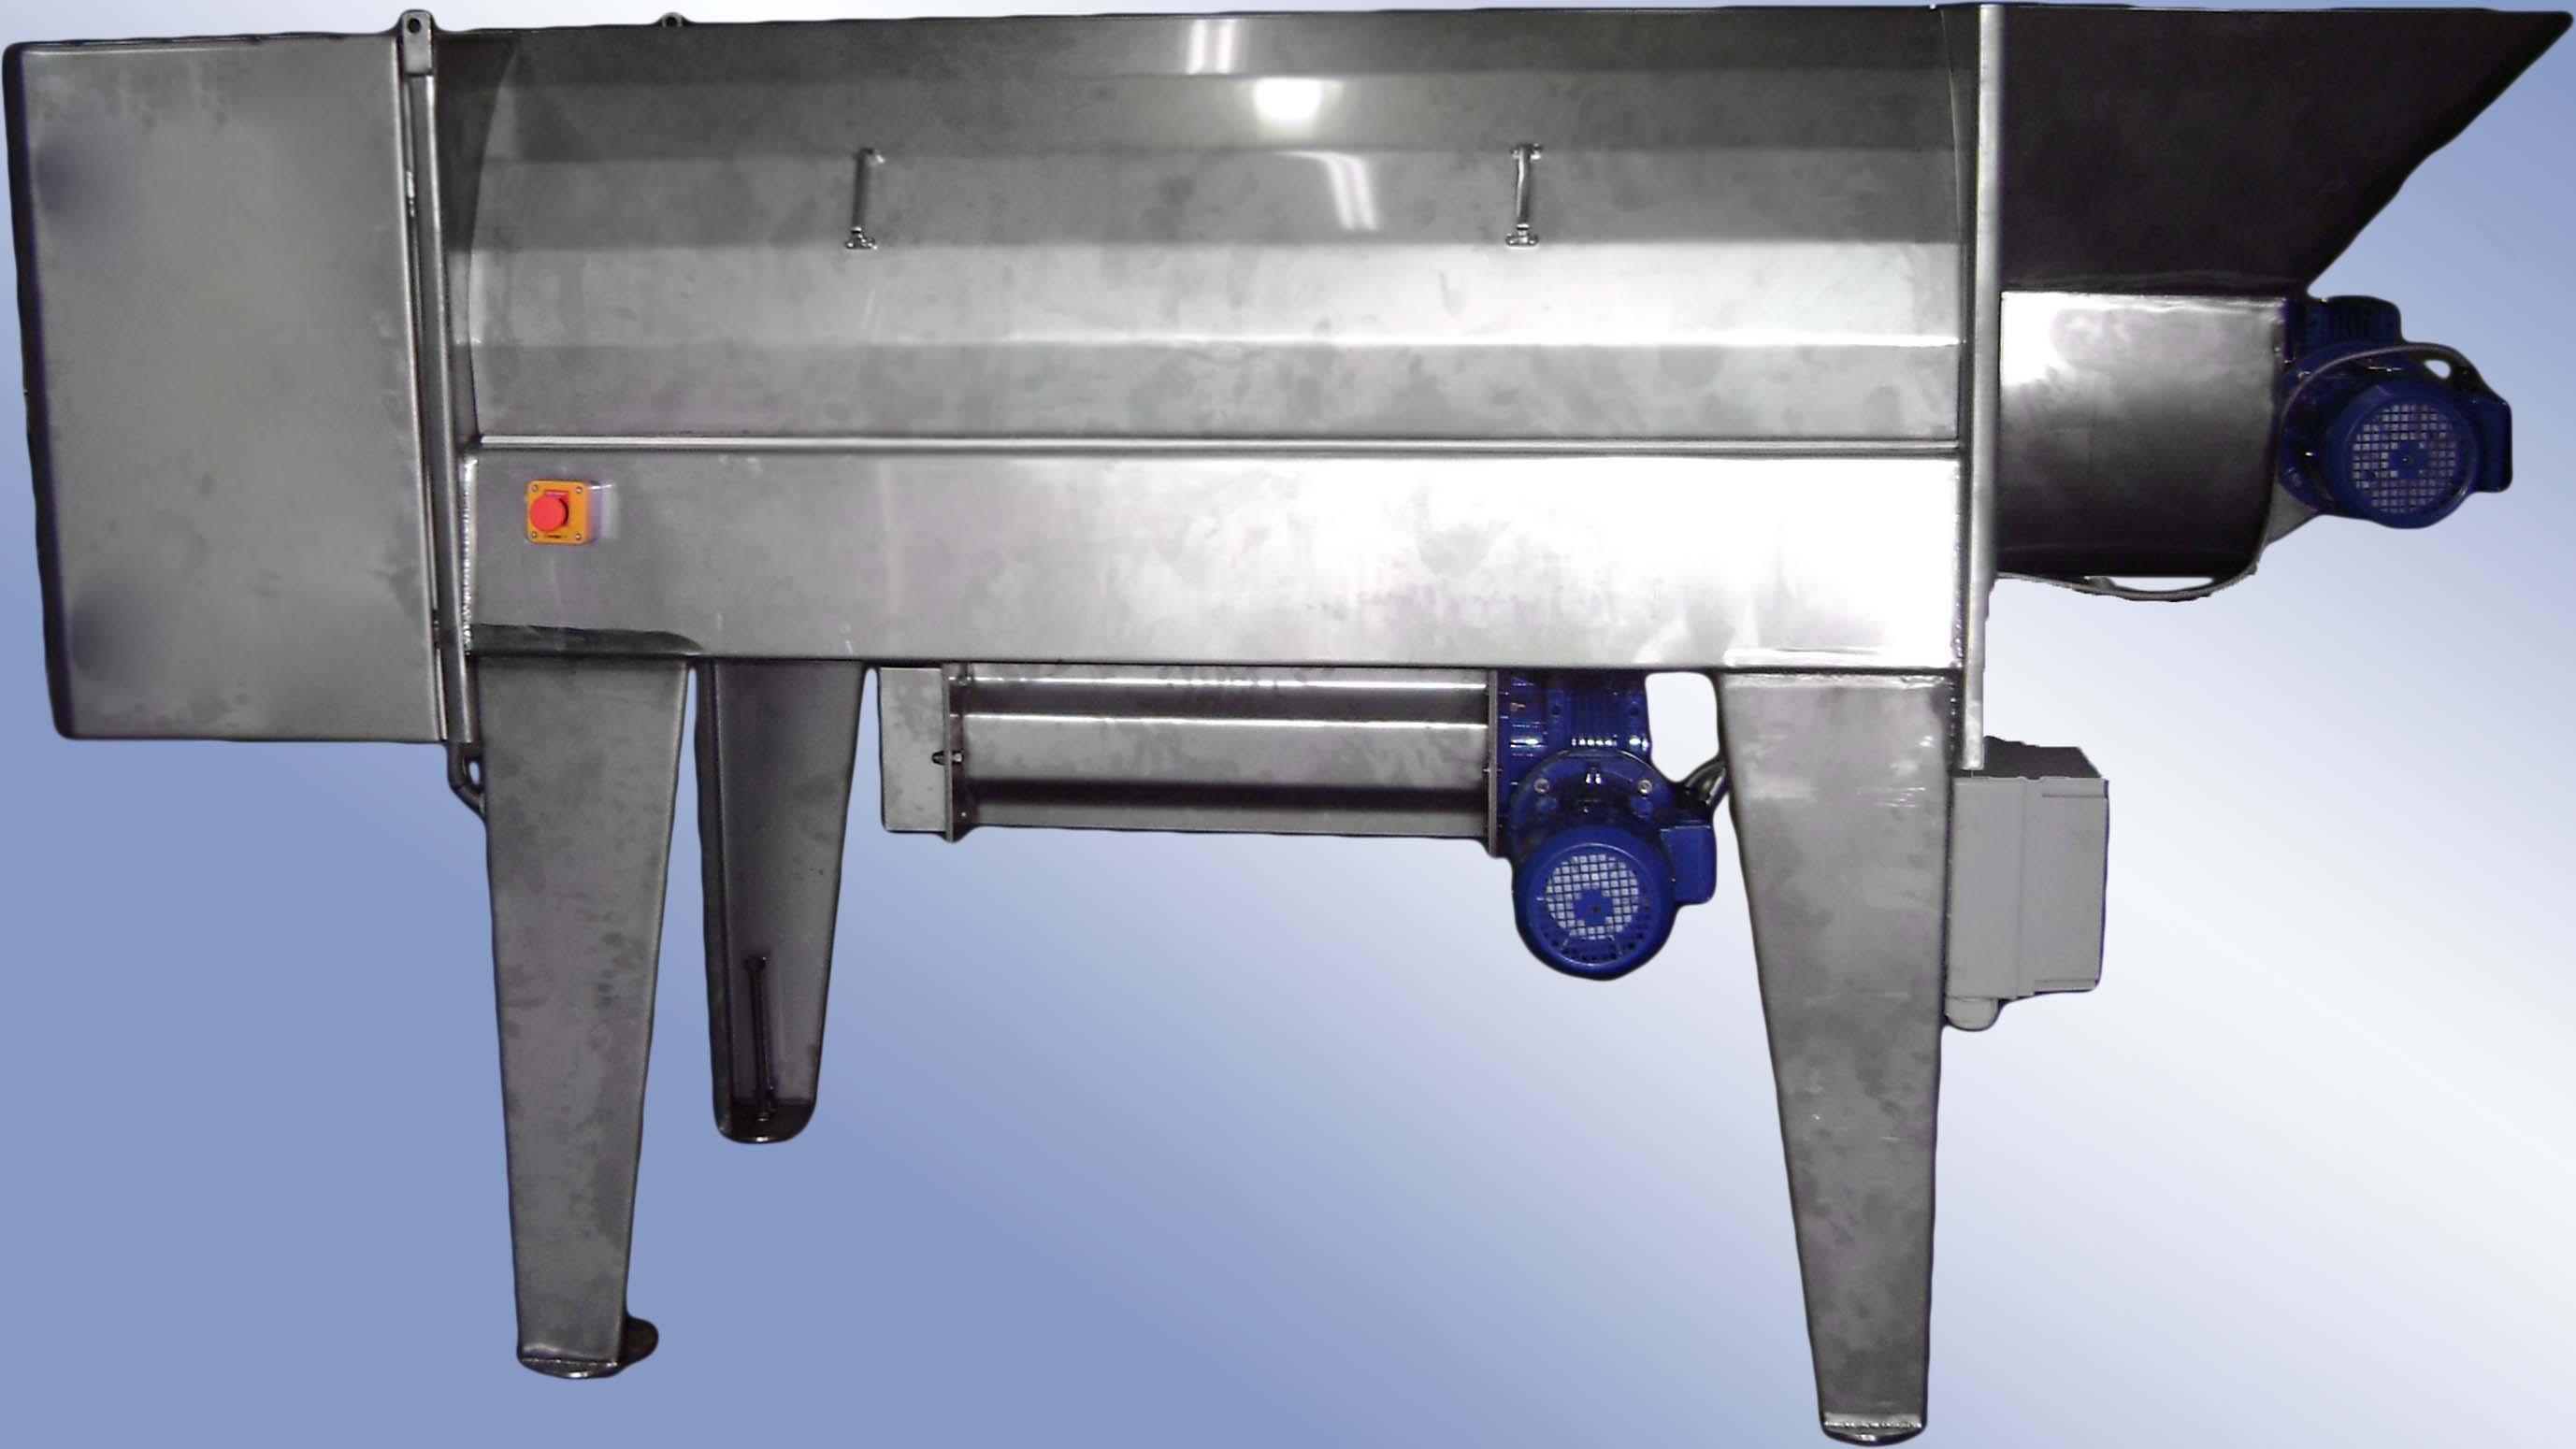 Дробилка-гребнеотделитель валковая цена мельничная шариковая дробилка устройство